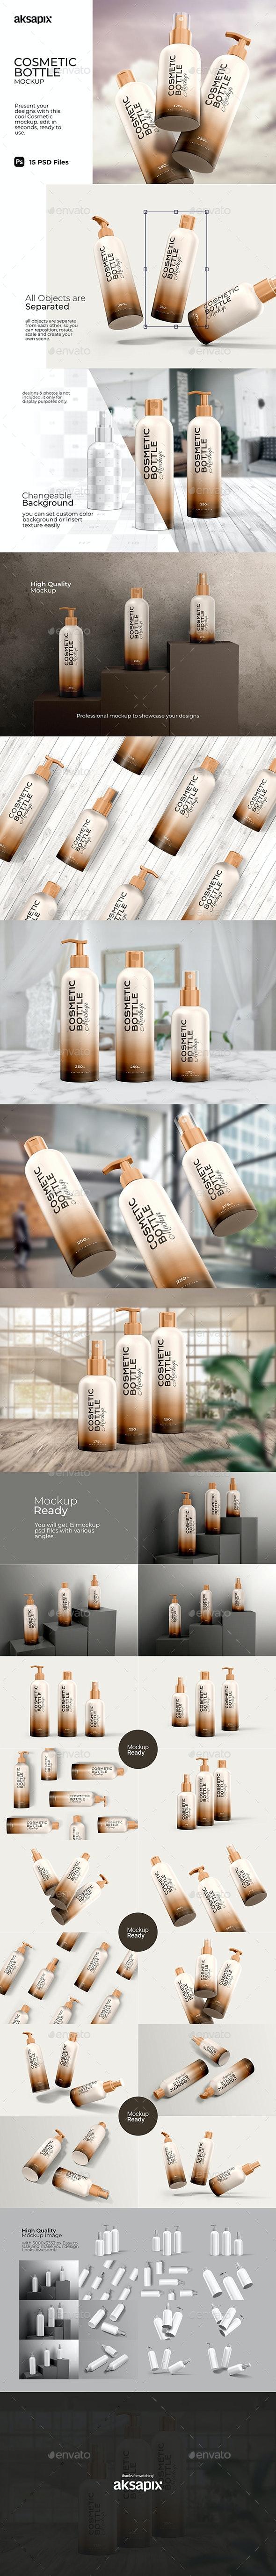 Cosmetic Bottle - Mockup - Beauty Packaging